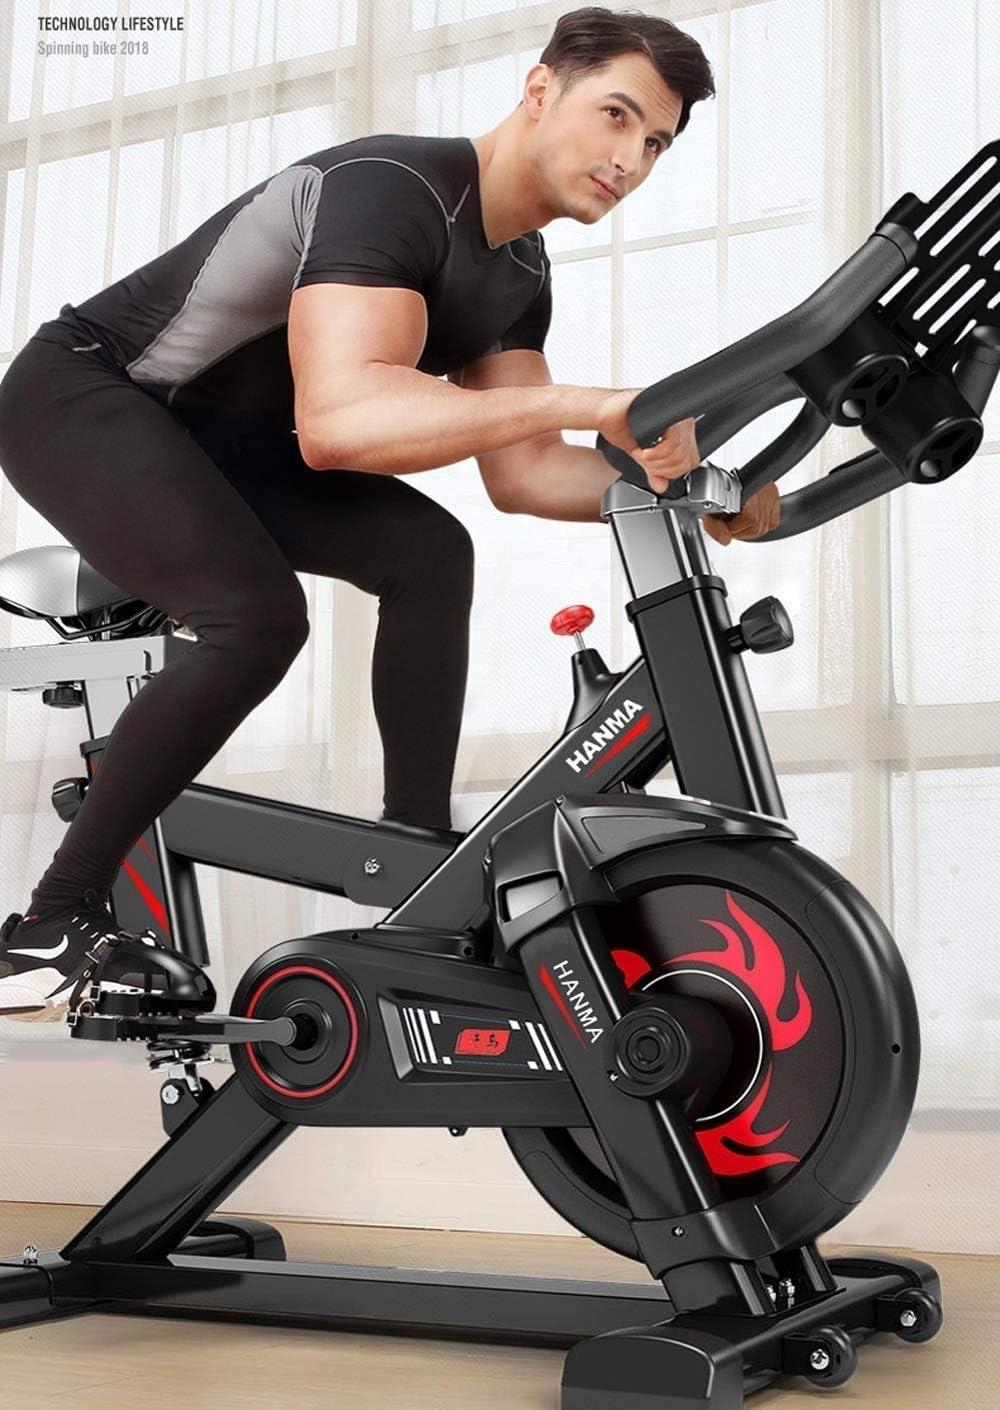 Bicicleta de ejercicio profesional para interiores - Inicio Unisex Pérdida de peso Abdominal Fitness Rueda fría Pedal antideslizante Protección de seguridad Volante multifunción Bicicleta deportiva: Amazon.es: Deportes y aire libre